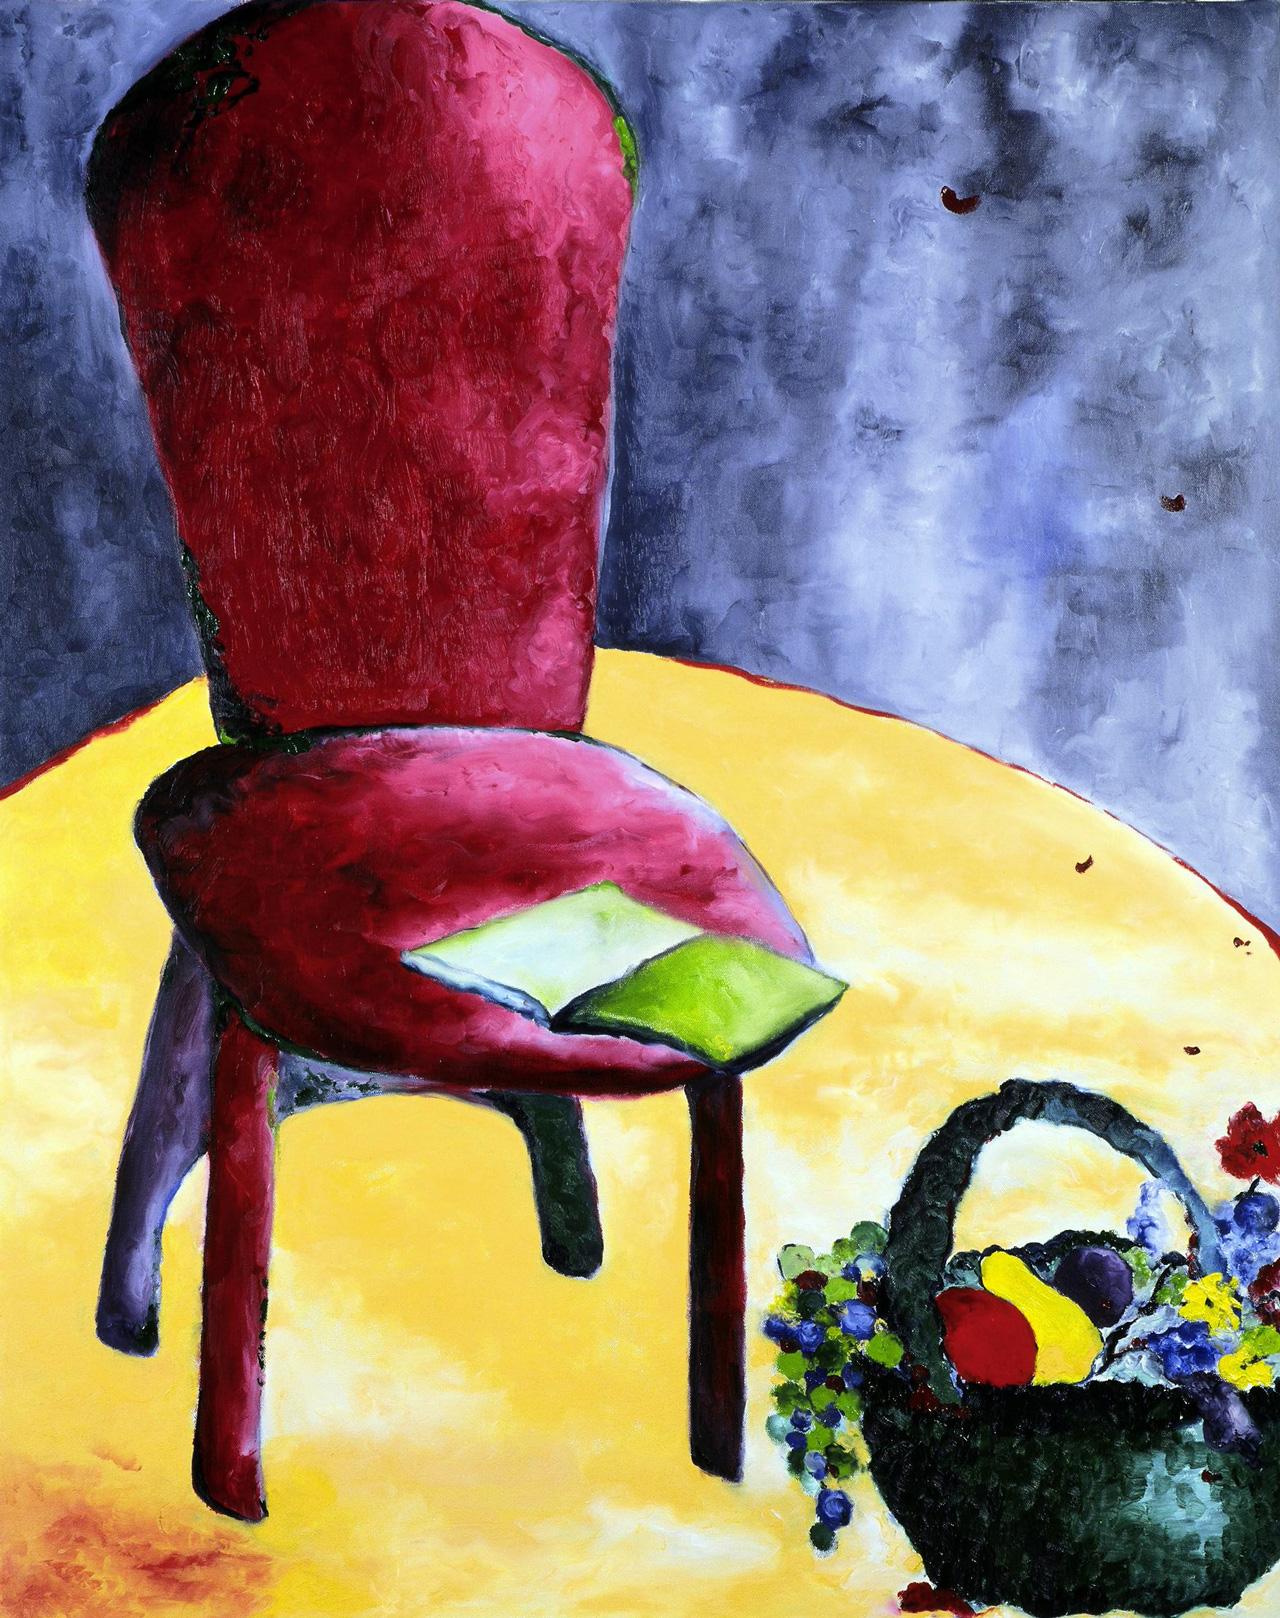 Maryse Casol, Réflexion Ontologique painting, 2004